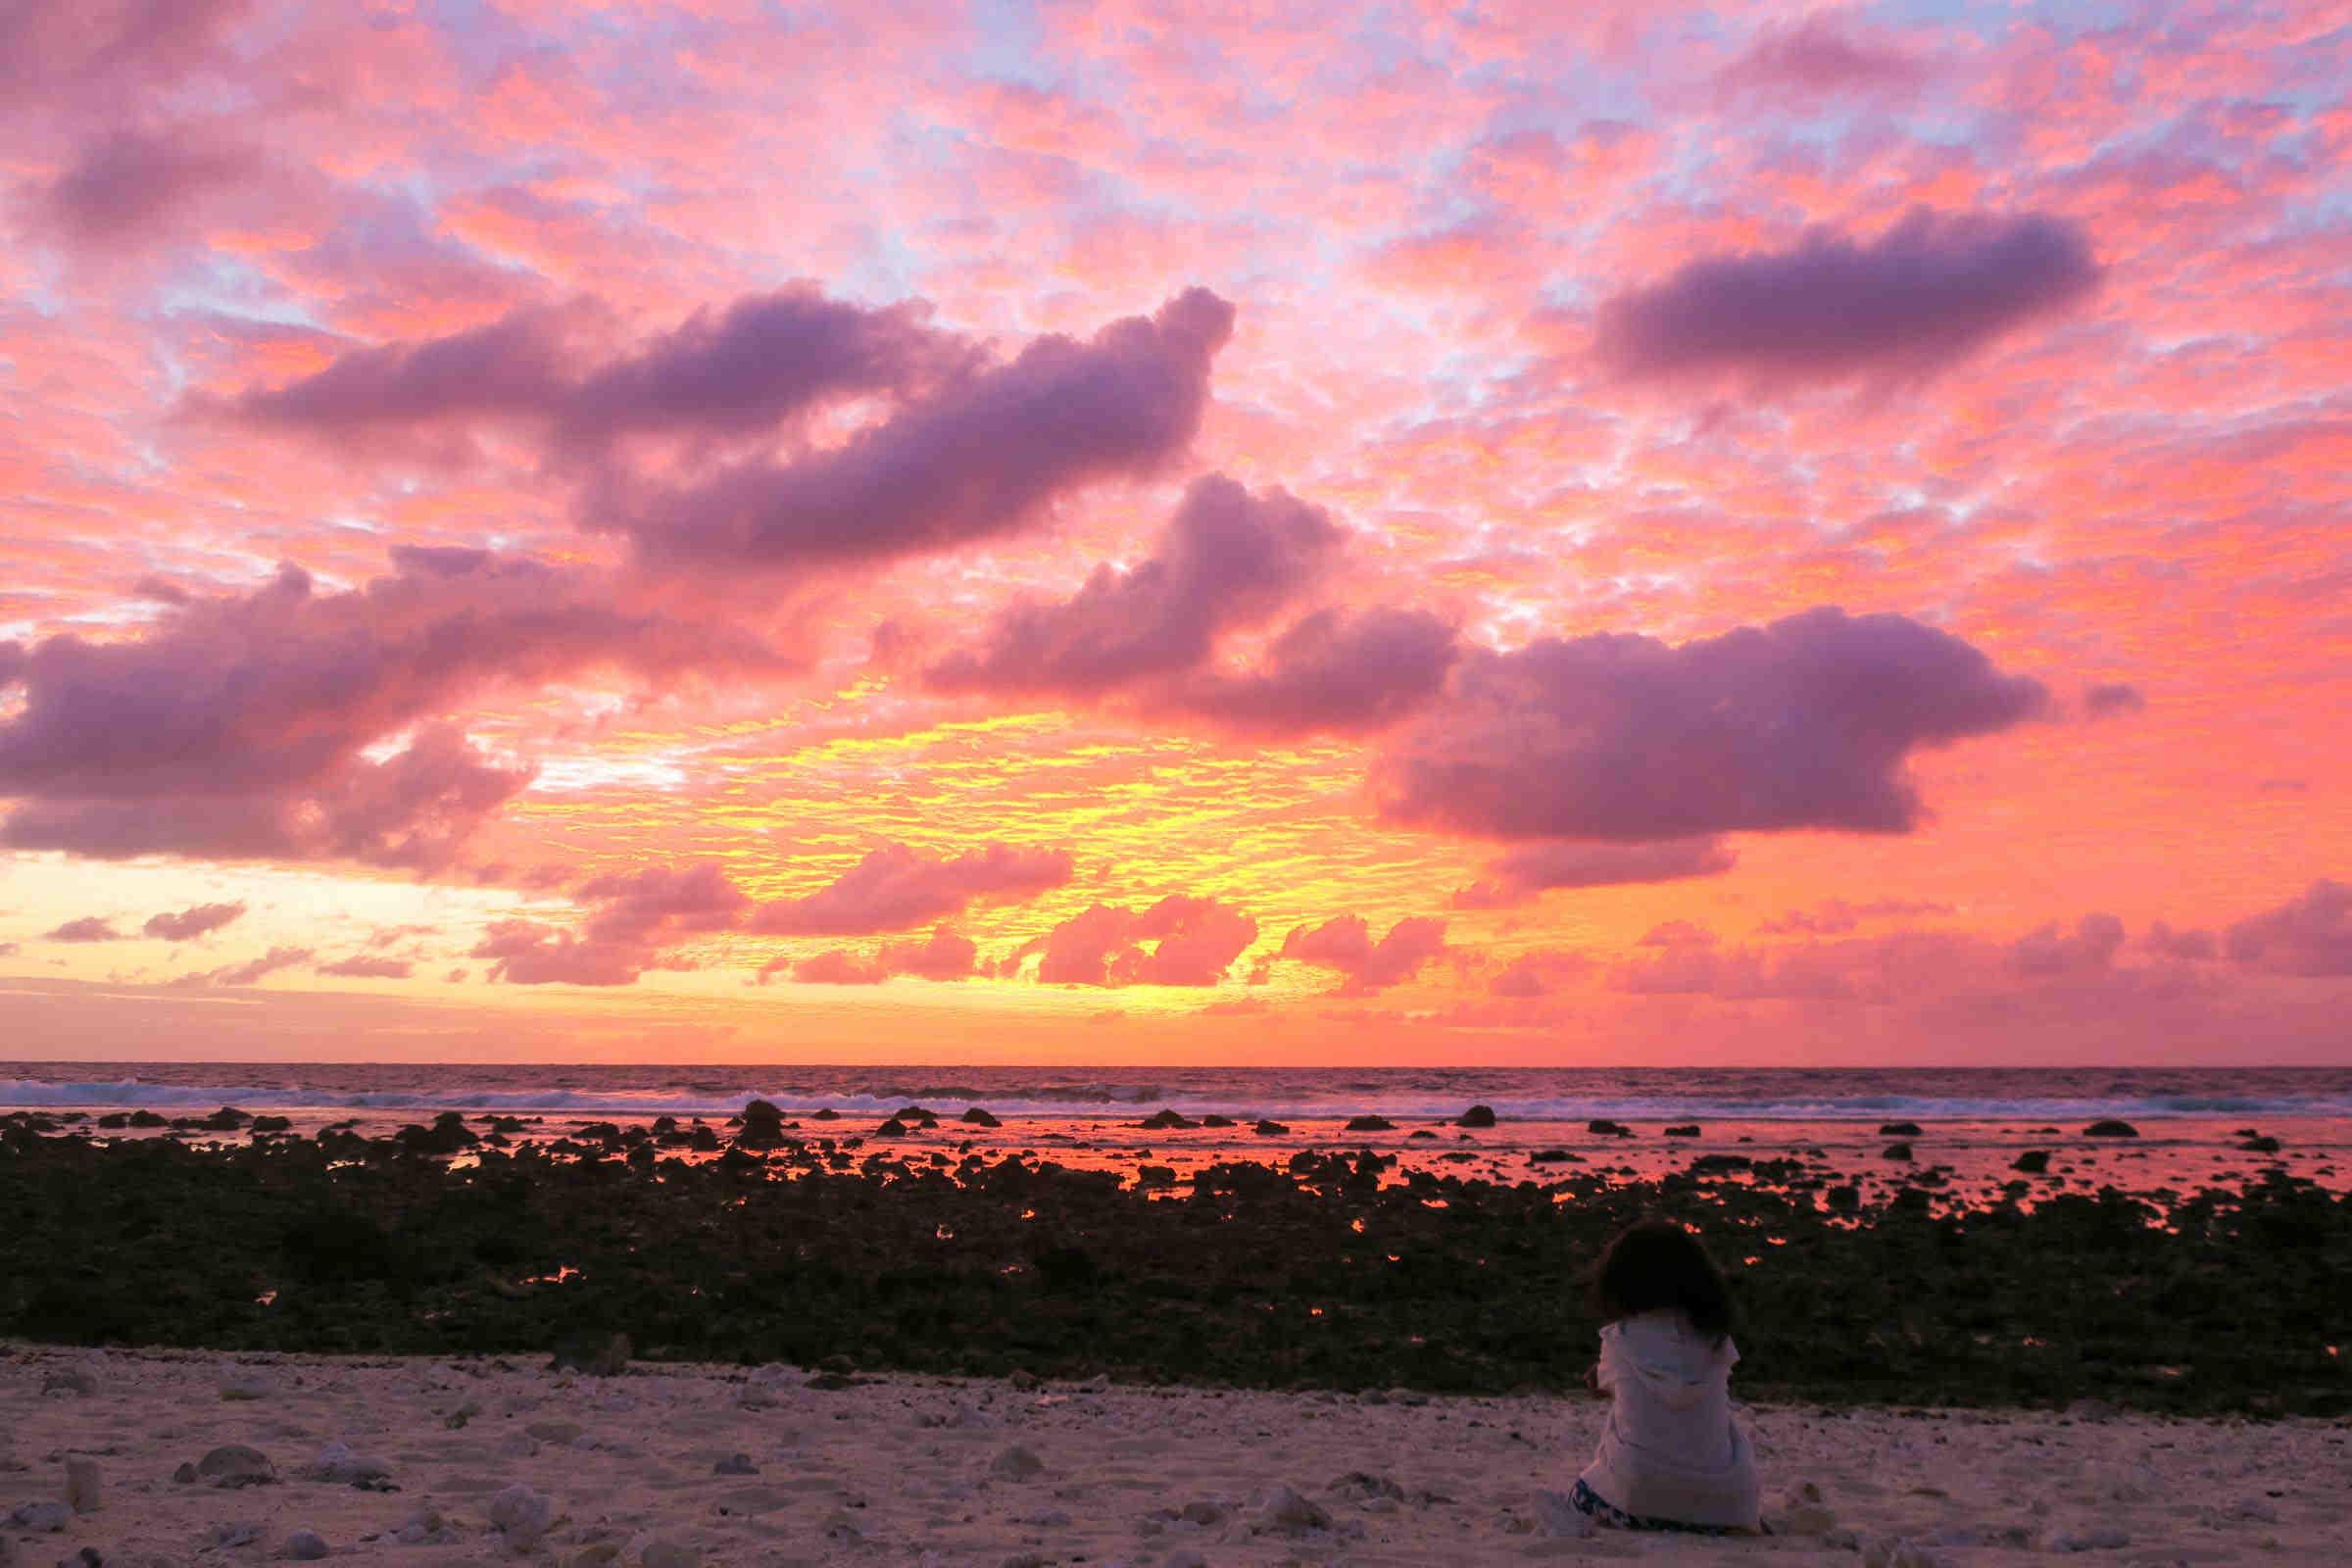 sunrise-may-ngatangia